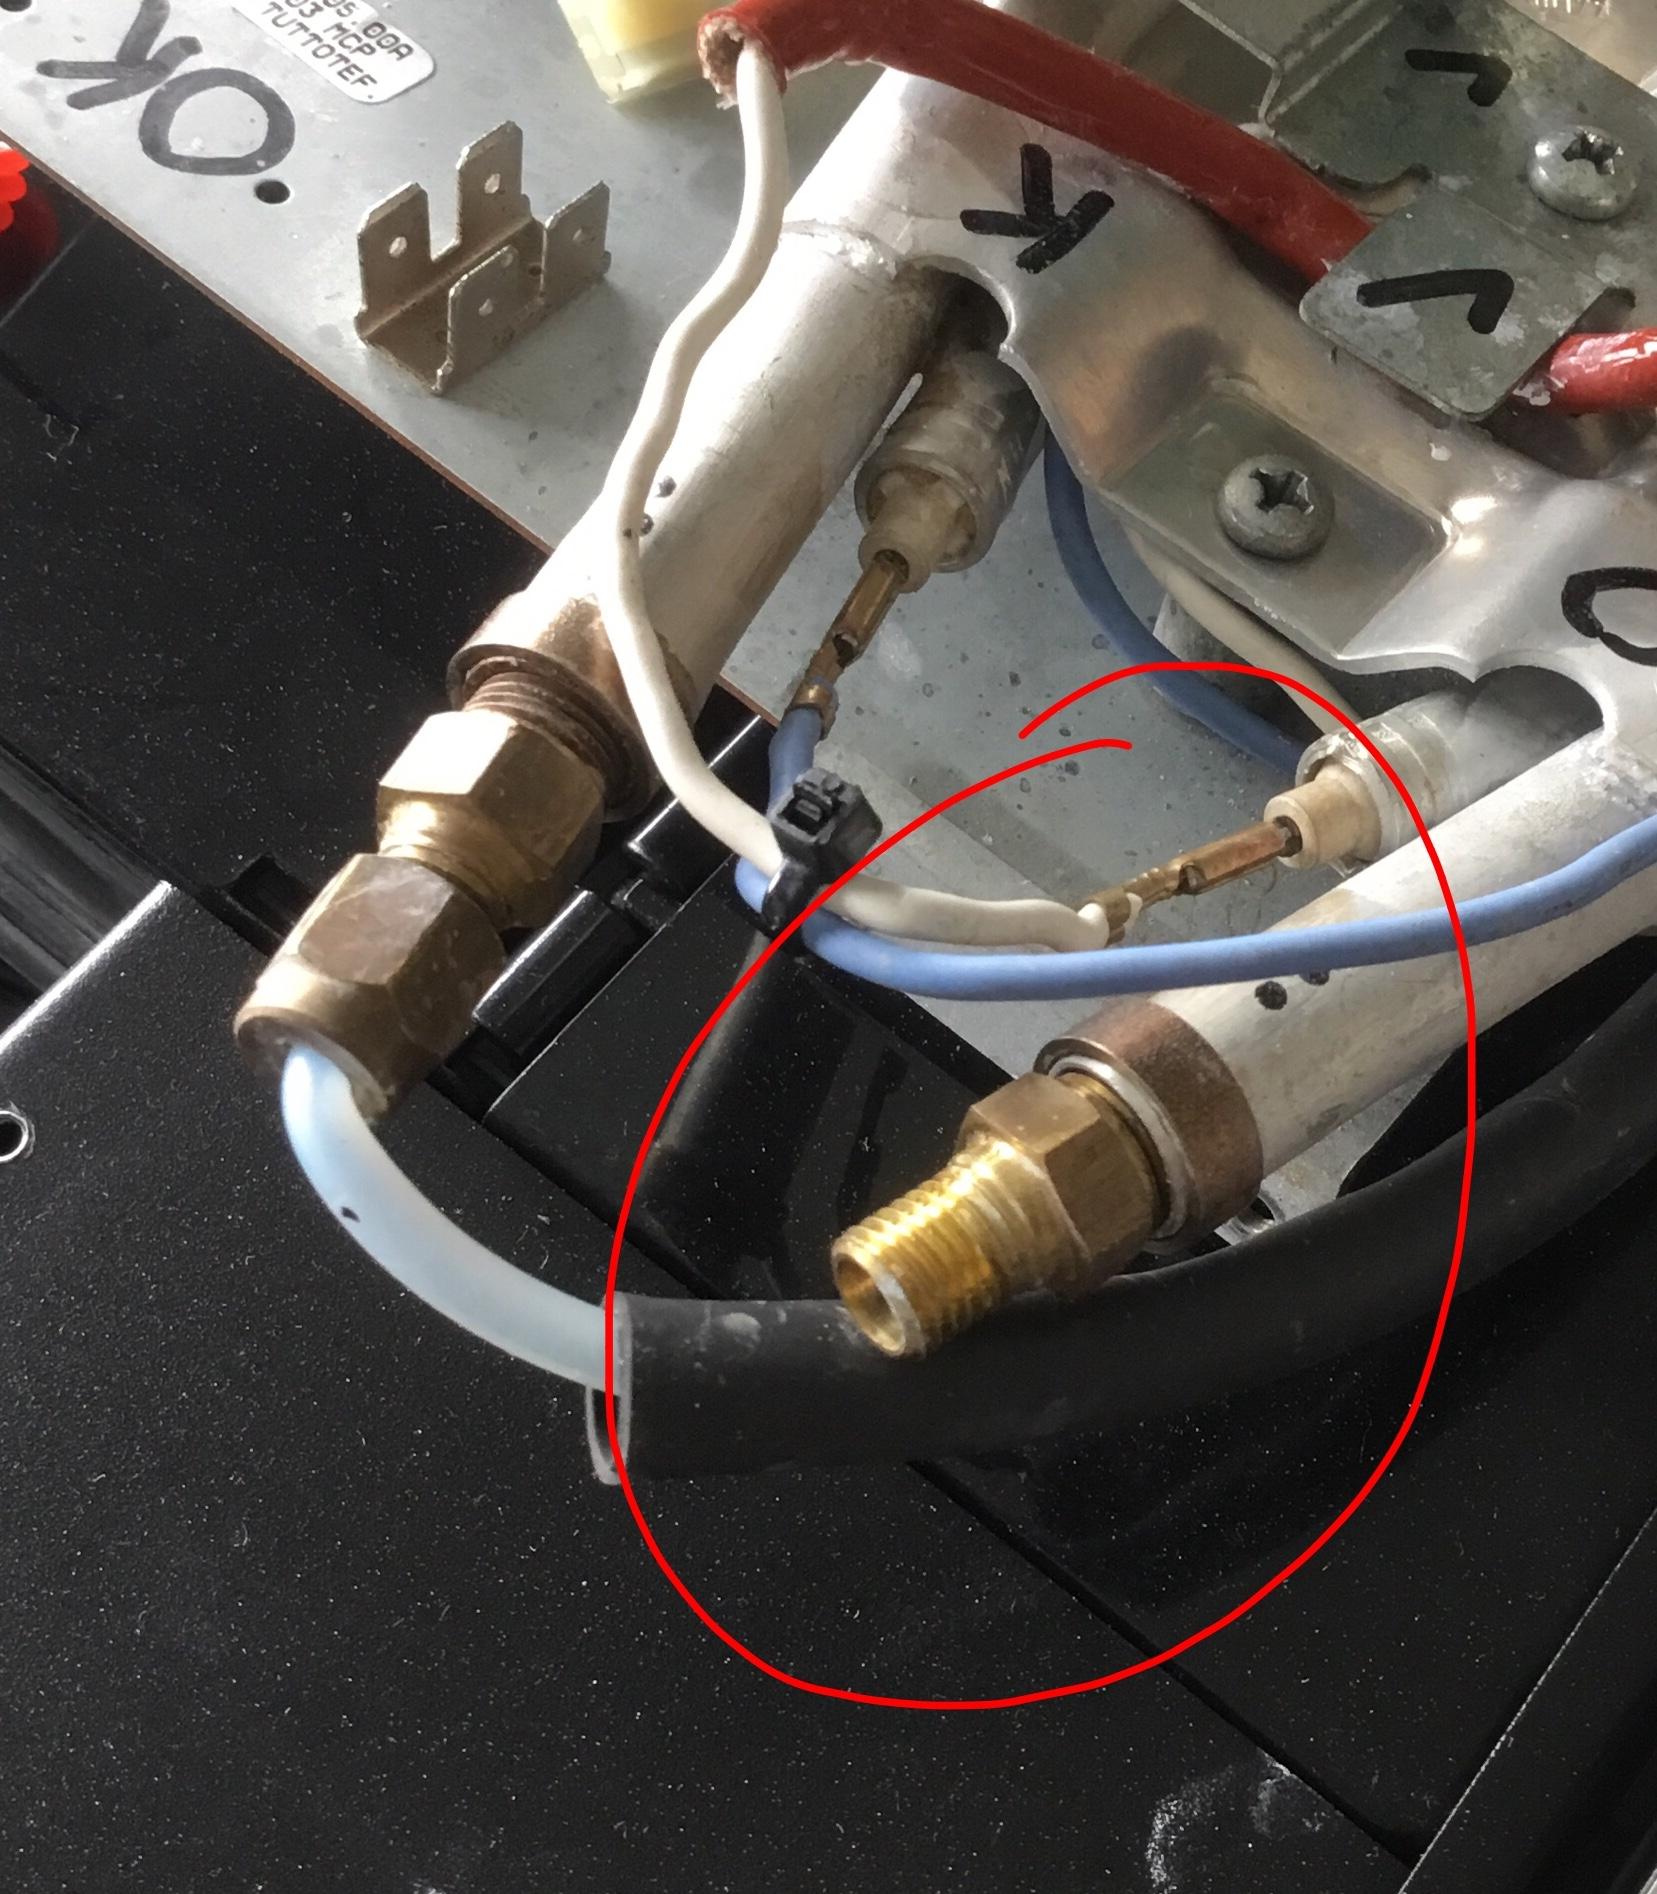 Miele CVA620 Dampfboiler wechseln - Druckschlauch entfernen und ...